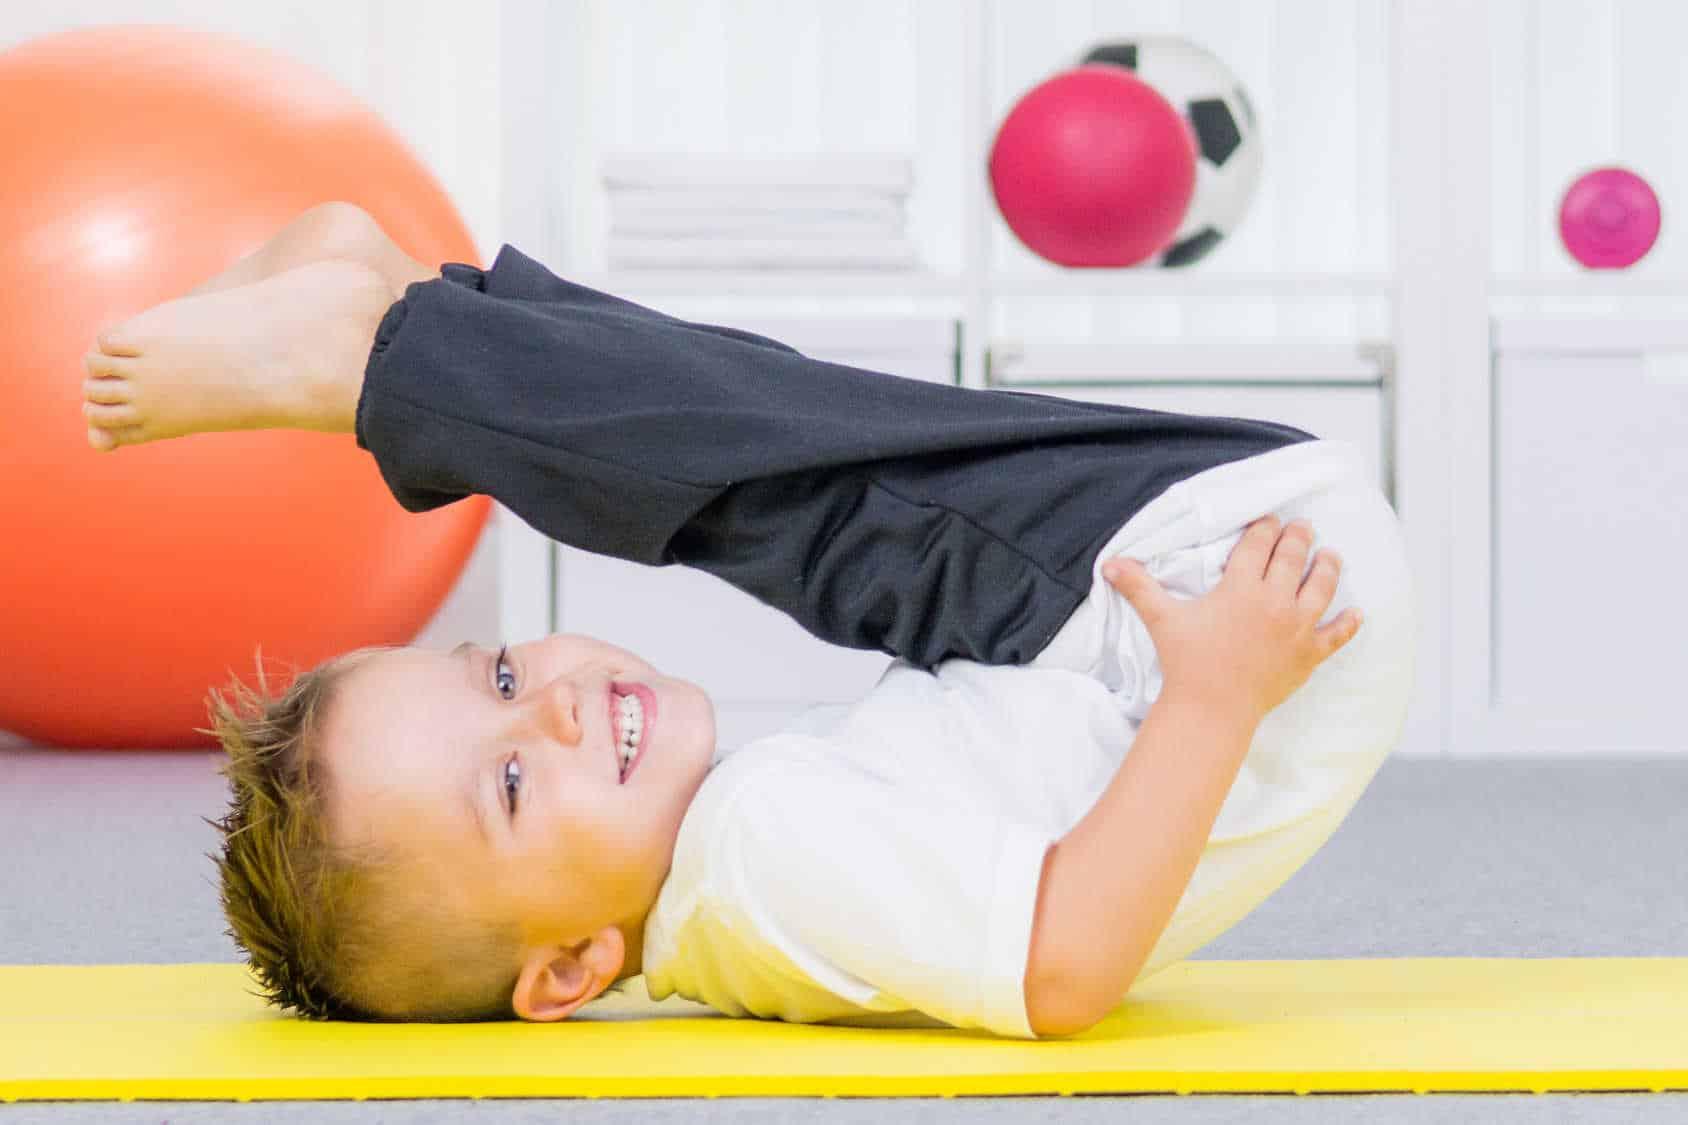 Ruch dla młodszych, sport dla starszych: dlaczego jest to ważne?